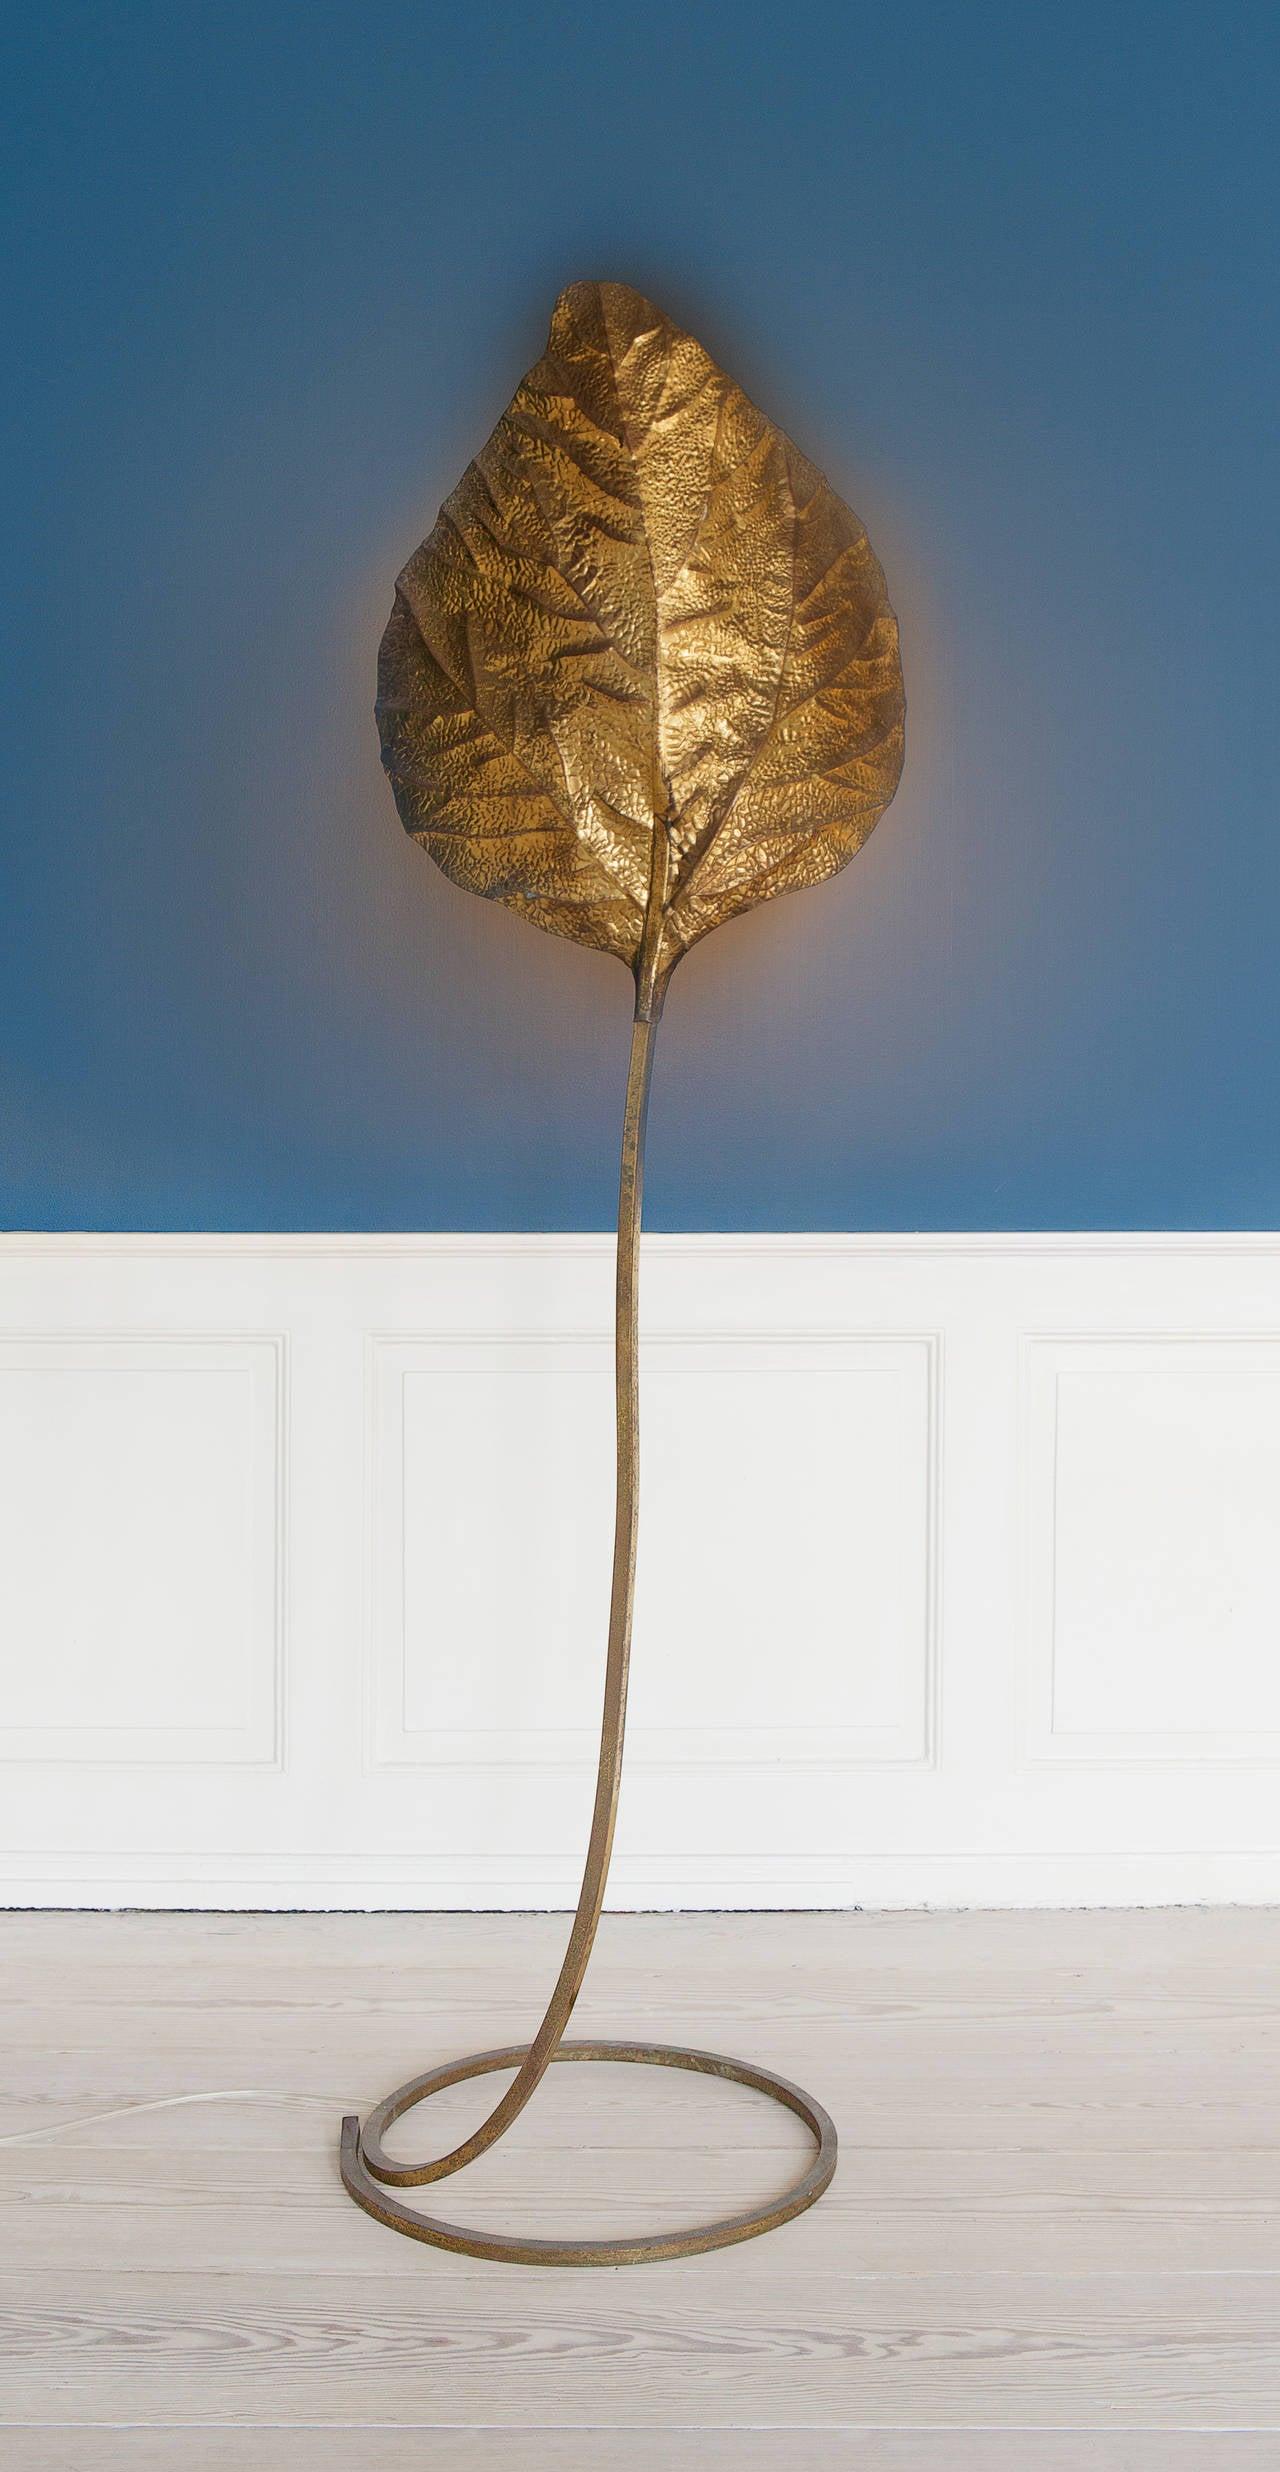 tomasso barbi leaf shaped floor lamp at 1stdibs. Black Bedroom Furniture Sets. Home Design Ideas